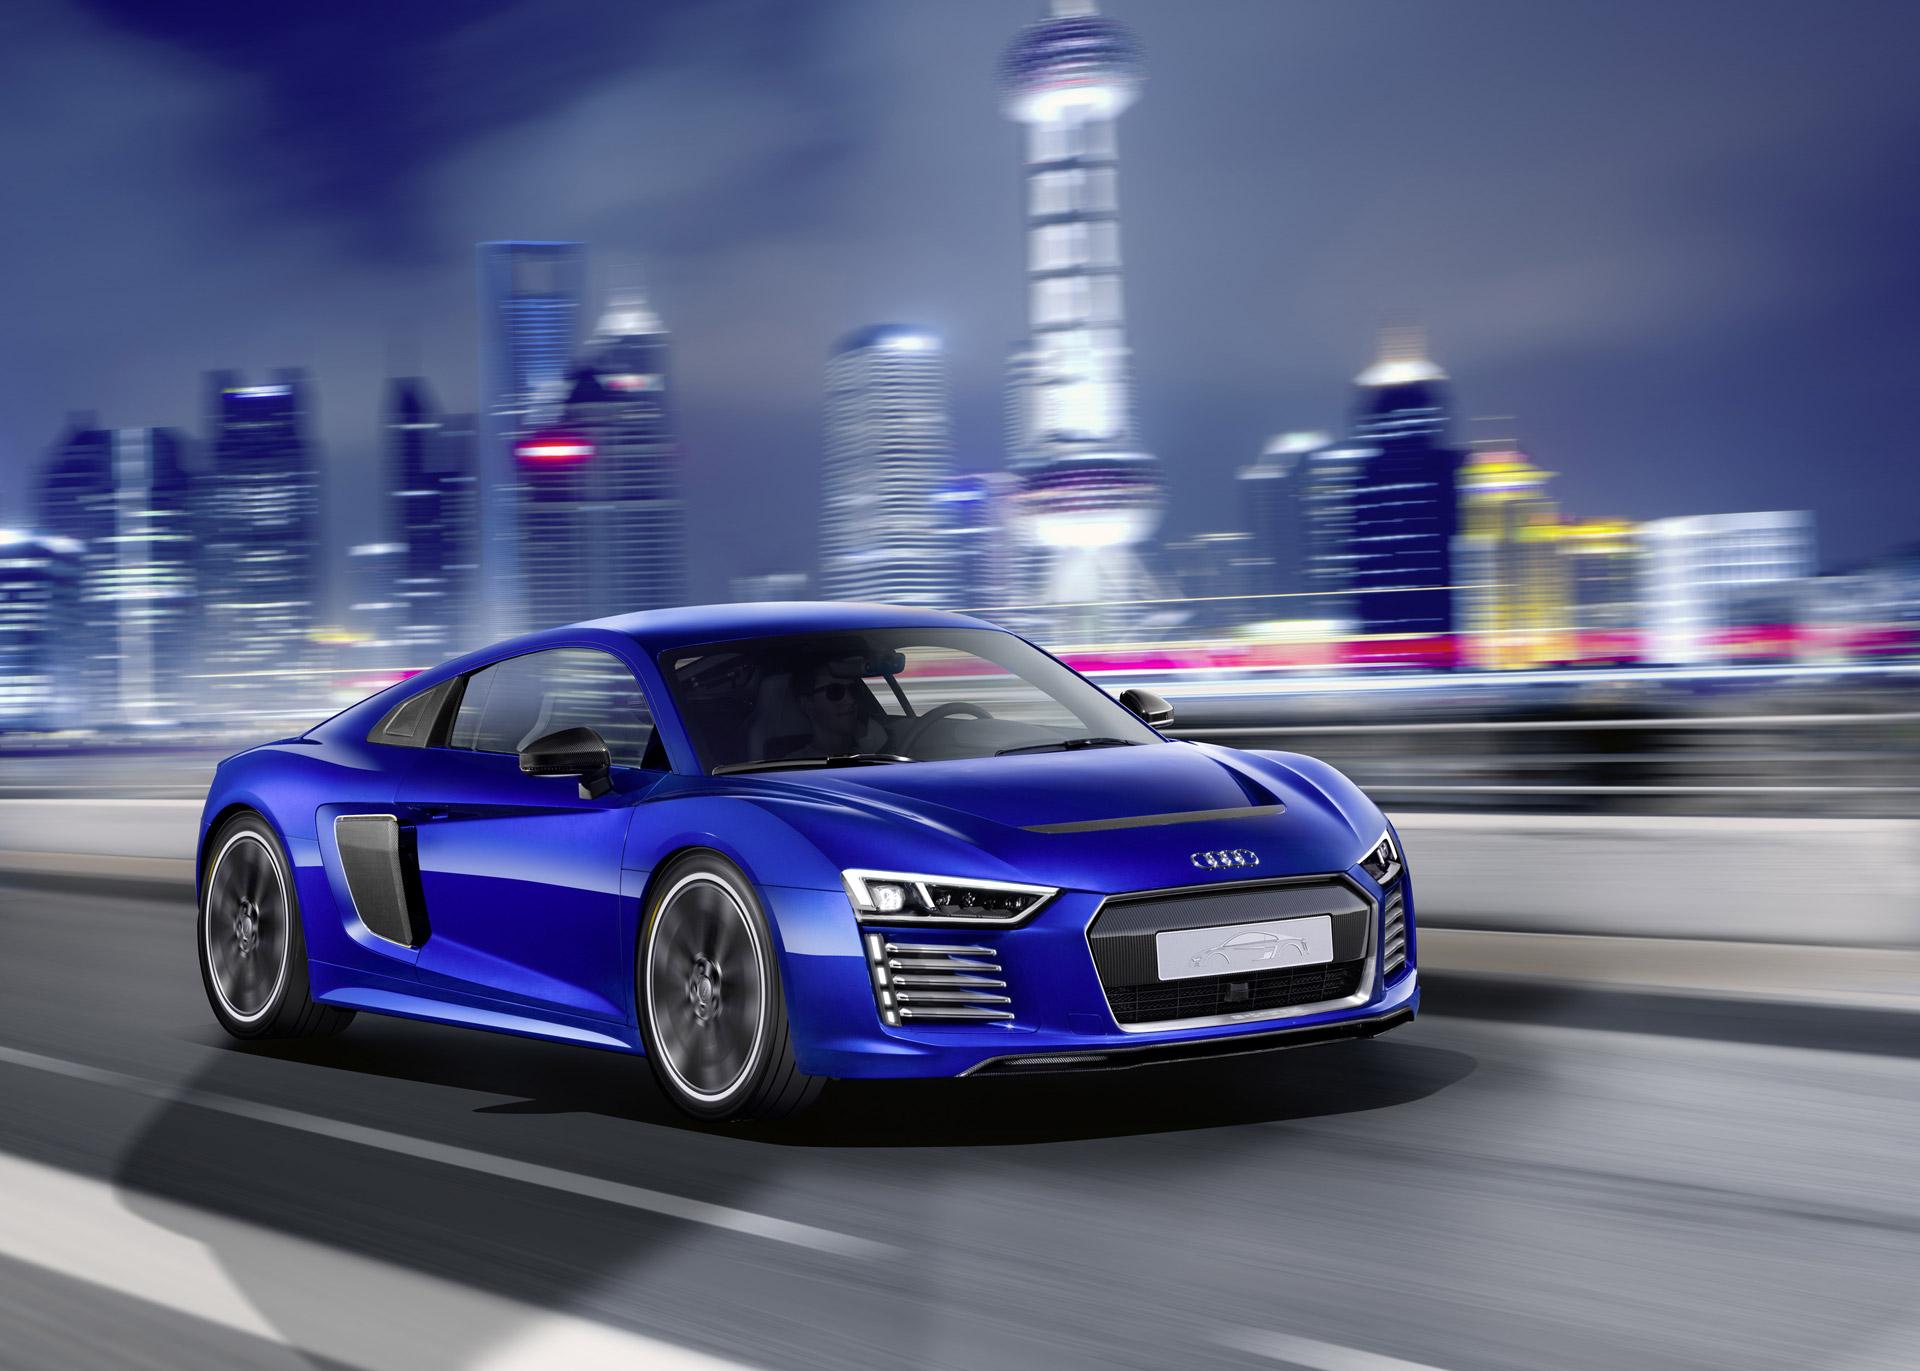 アウディのレーシングモデル「R8」廃止!しかし次期後継モデルは開発予定!